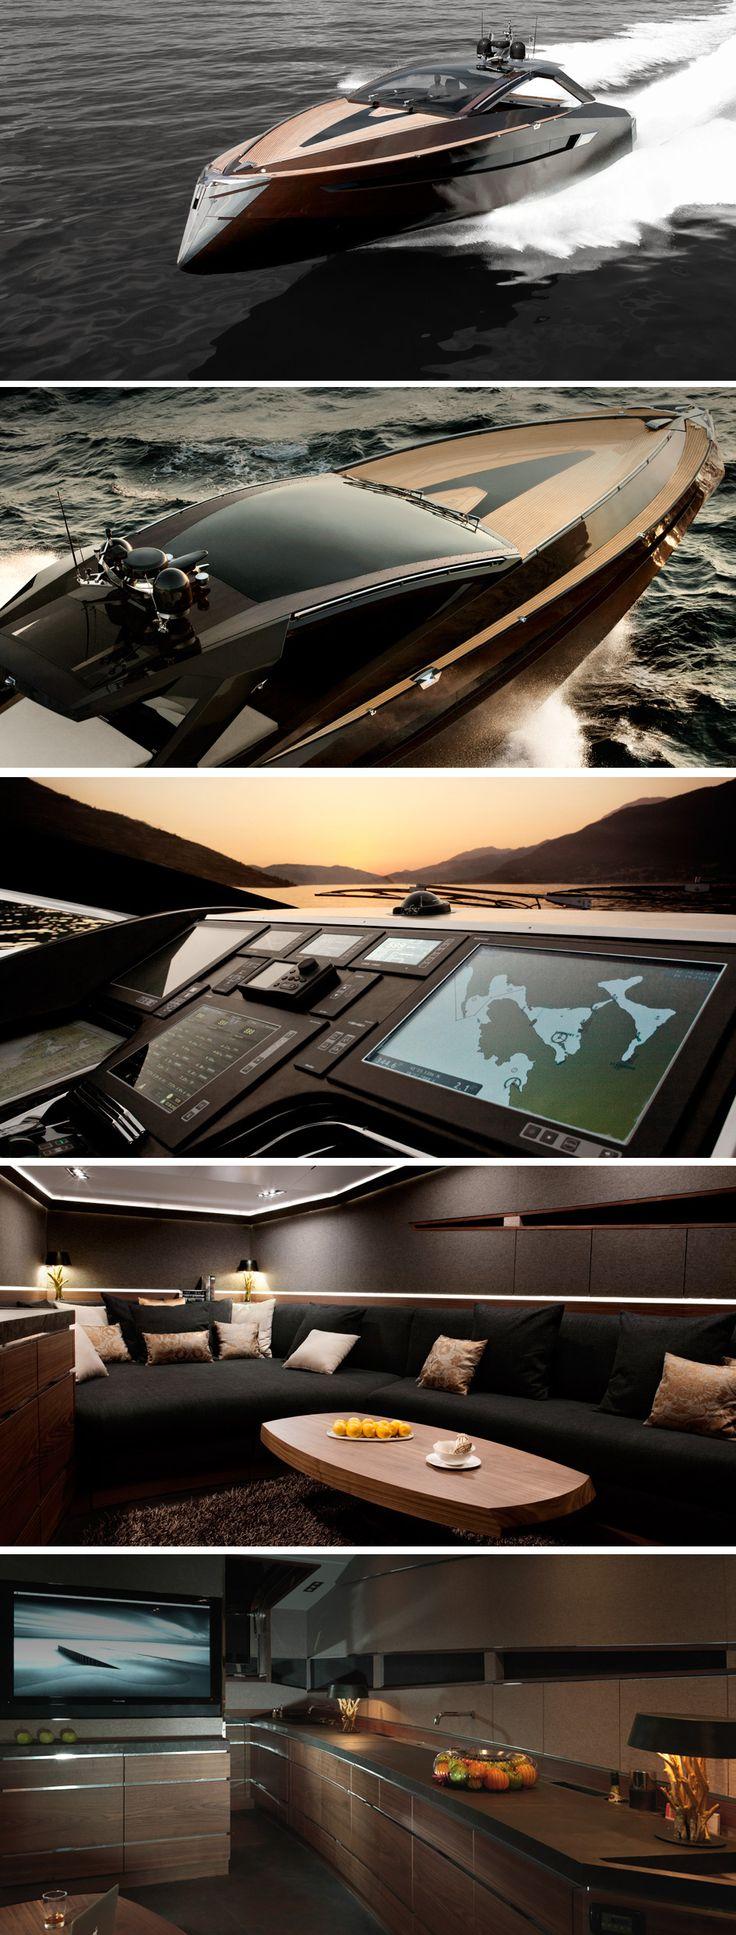 Beau bateau j ai hâte de voir ceux des pirates https://hotellook.com/cities/paris?marker=126022.viedereve